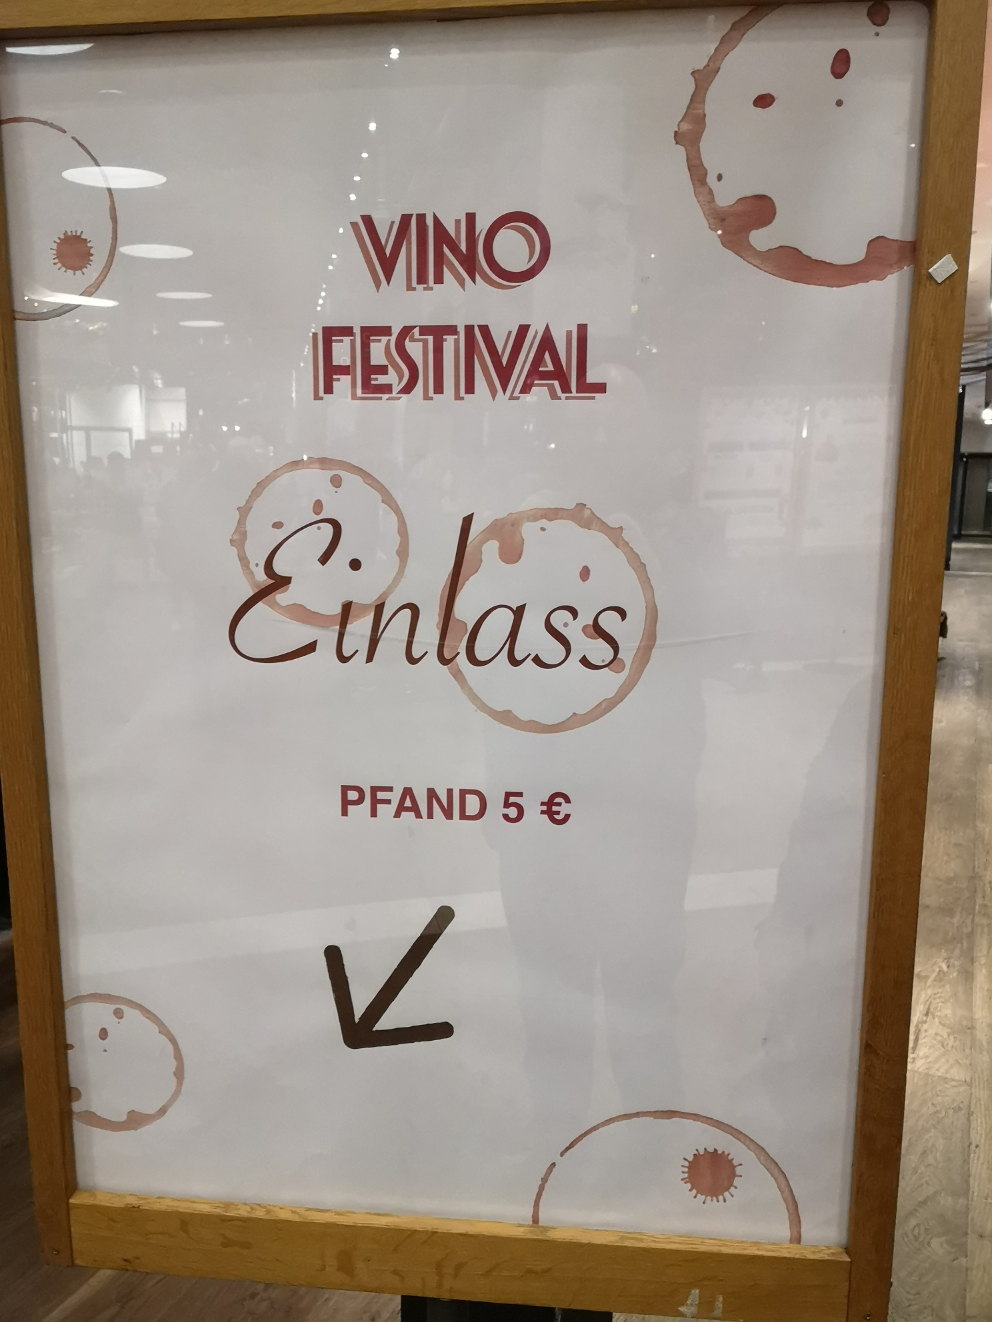 Grosse Auswahl an tollen italienischen Weinen.